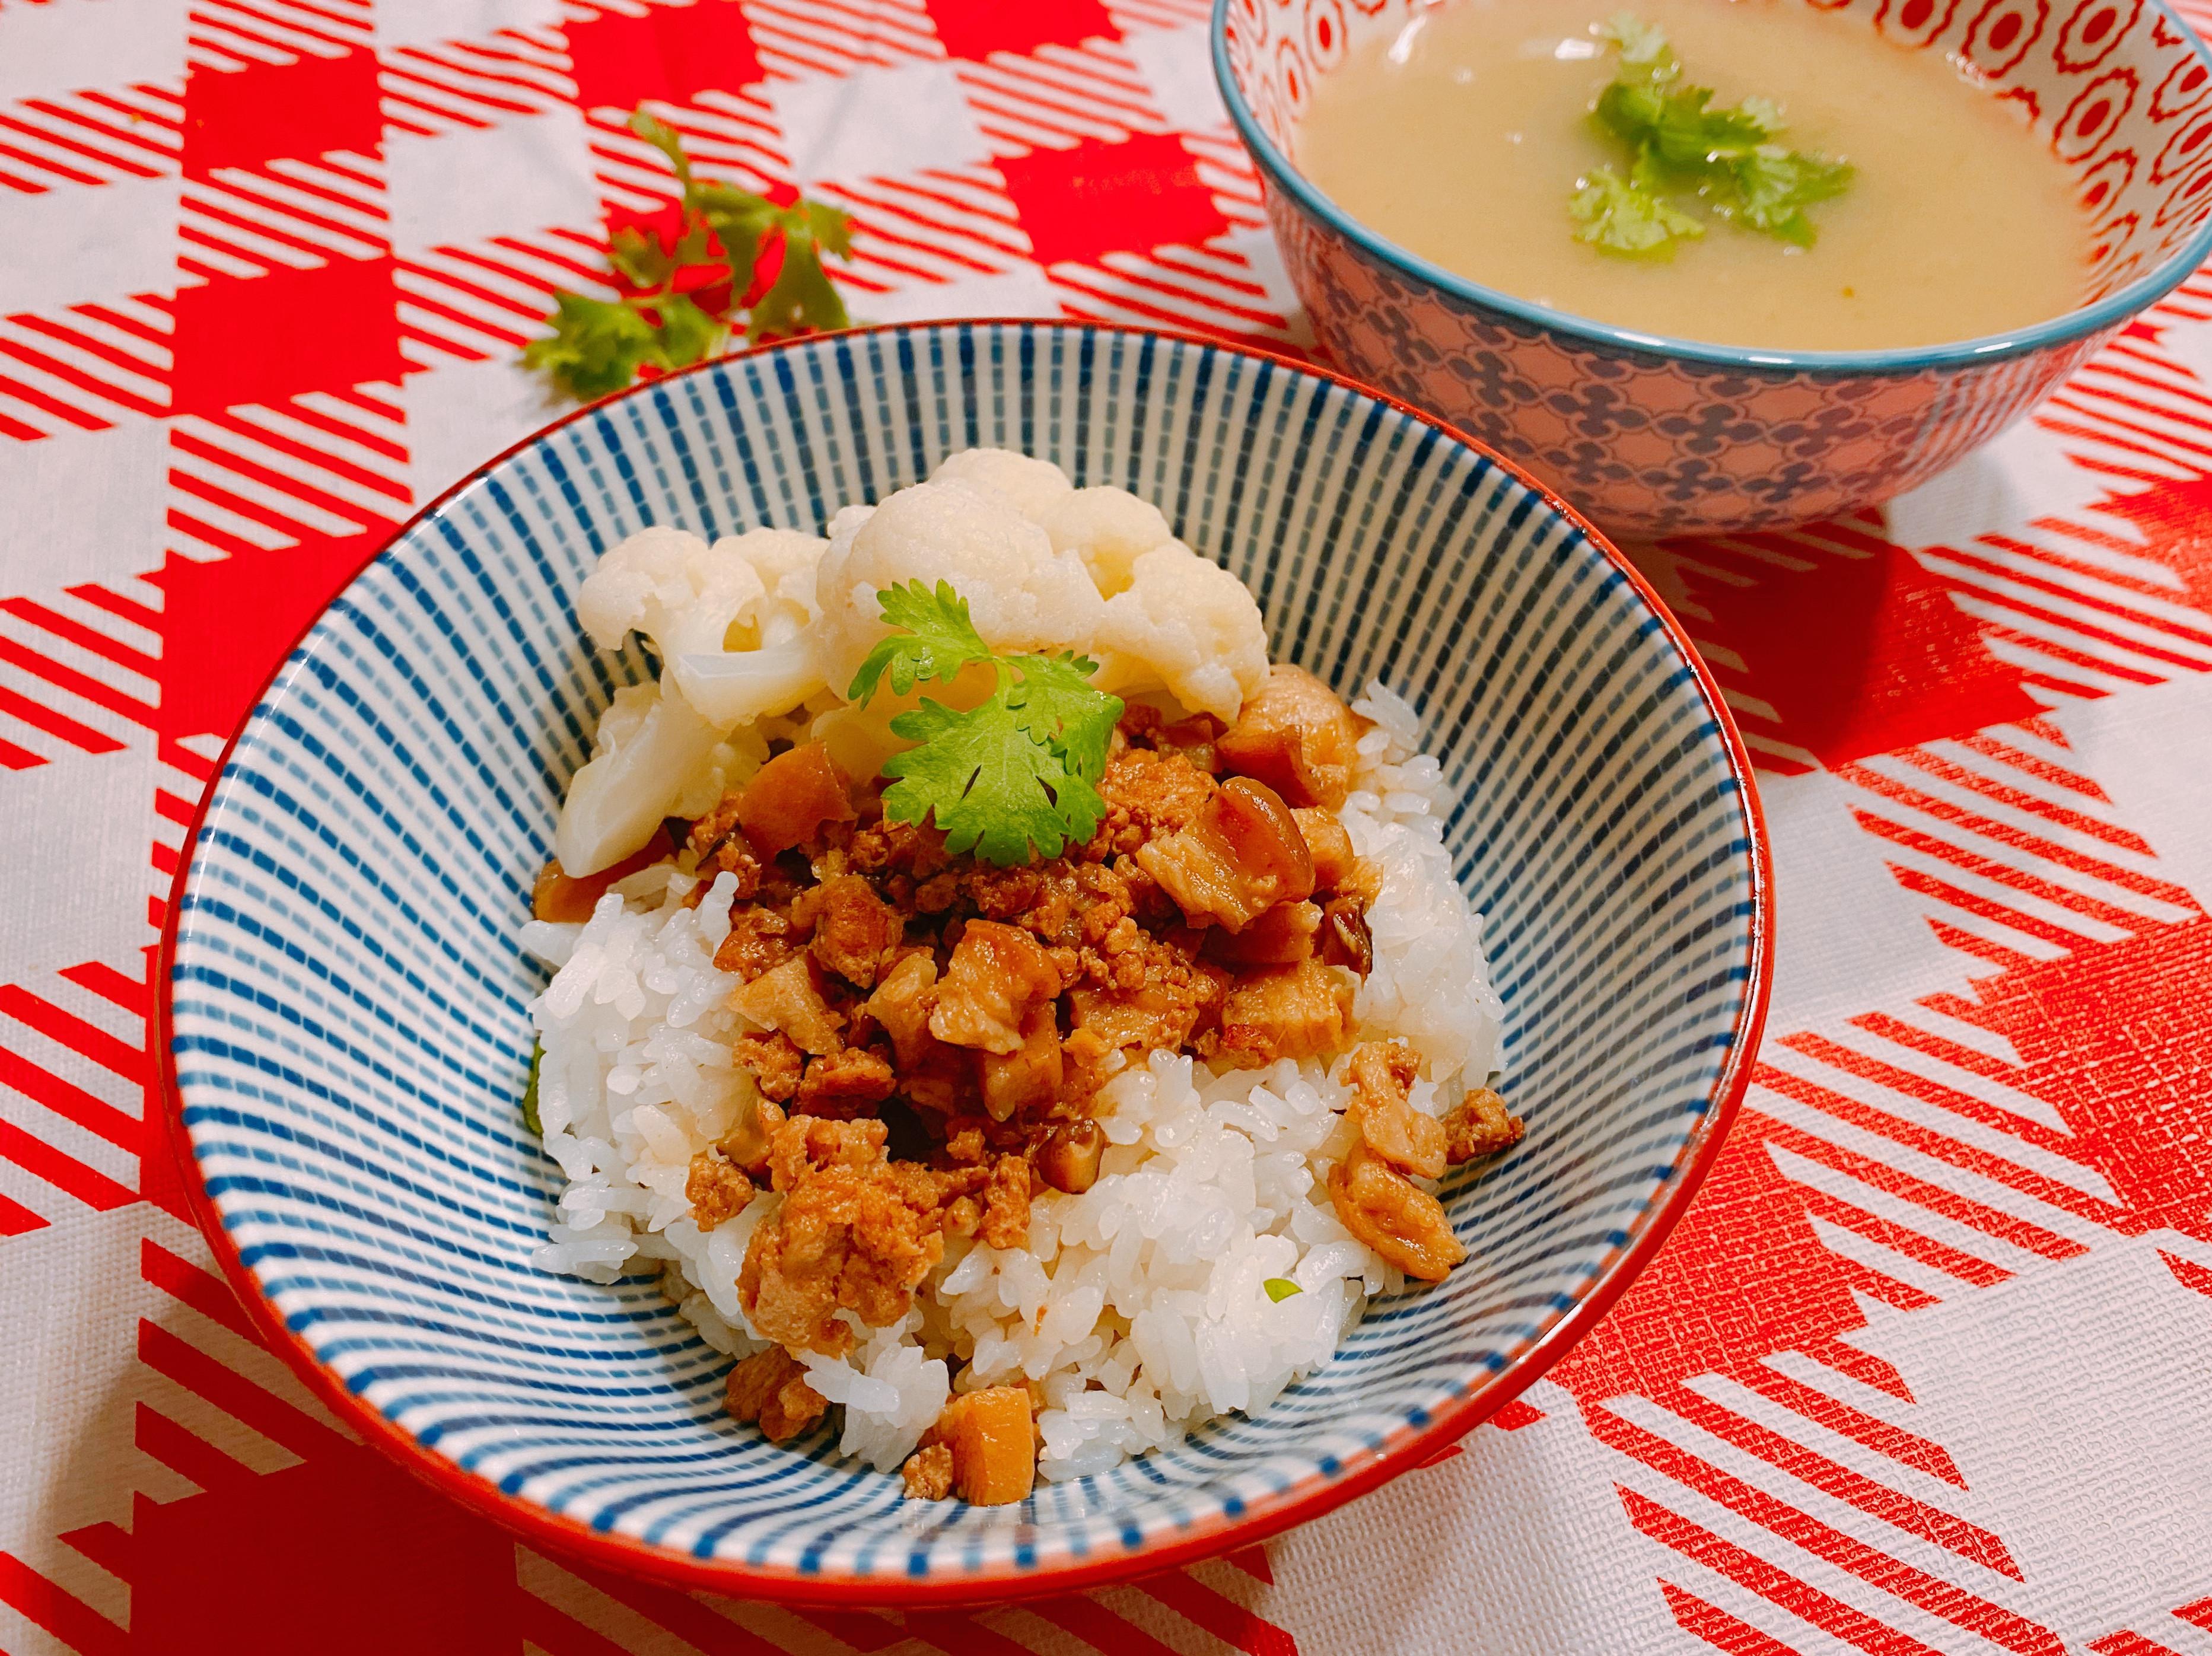 想家的時候來一碗滷肉飯/魯肉飯